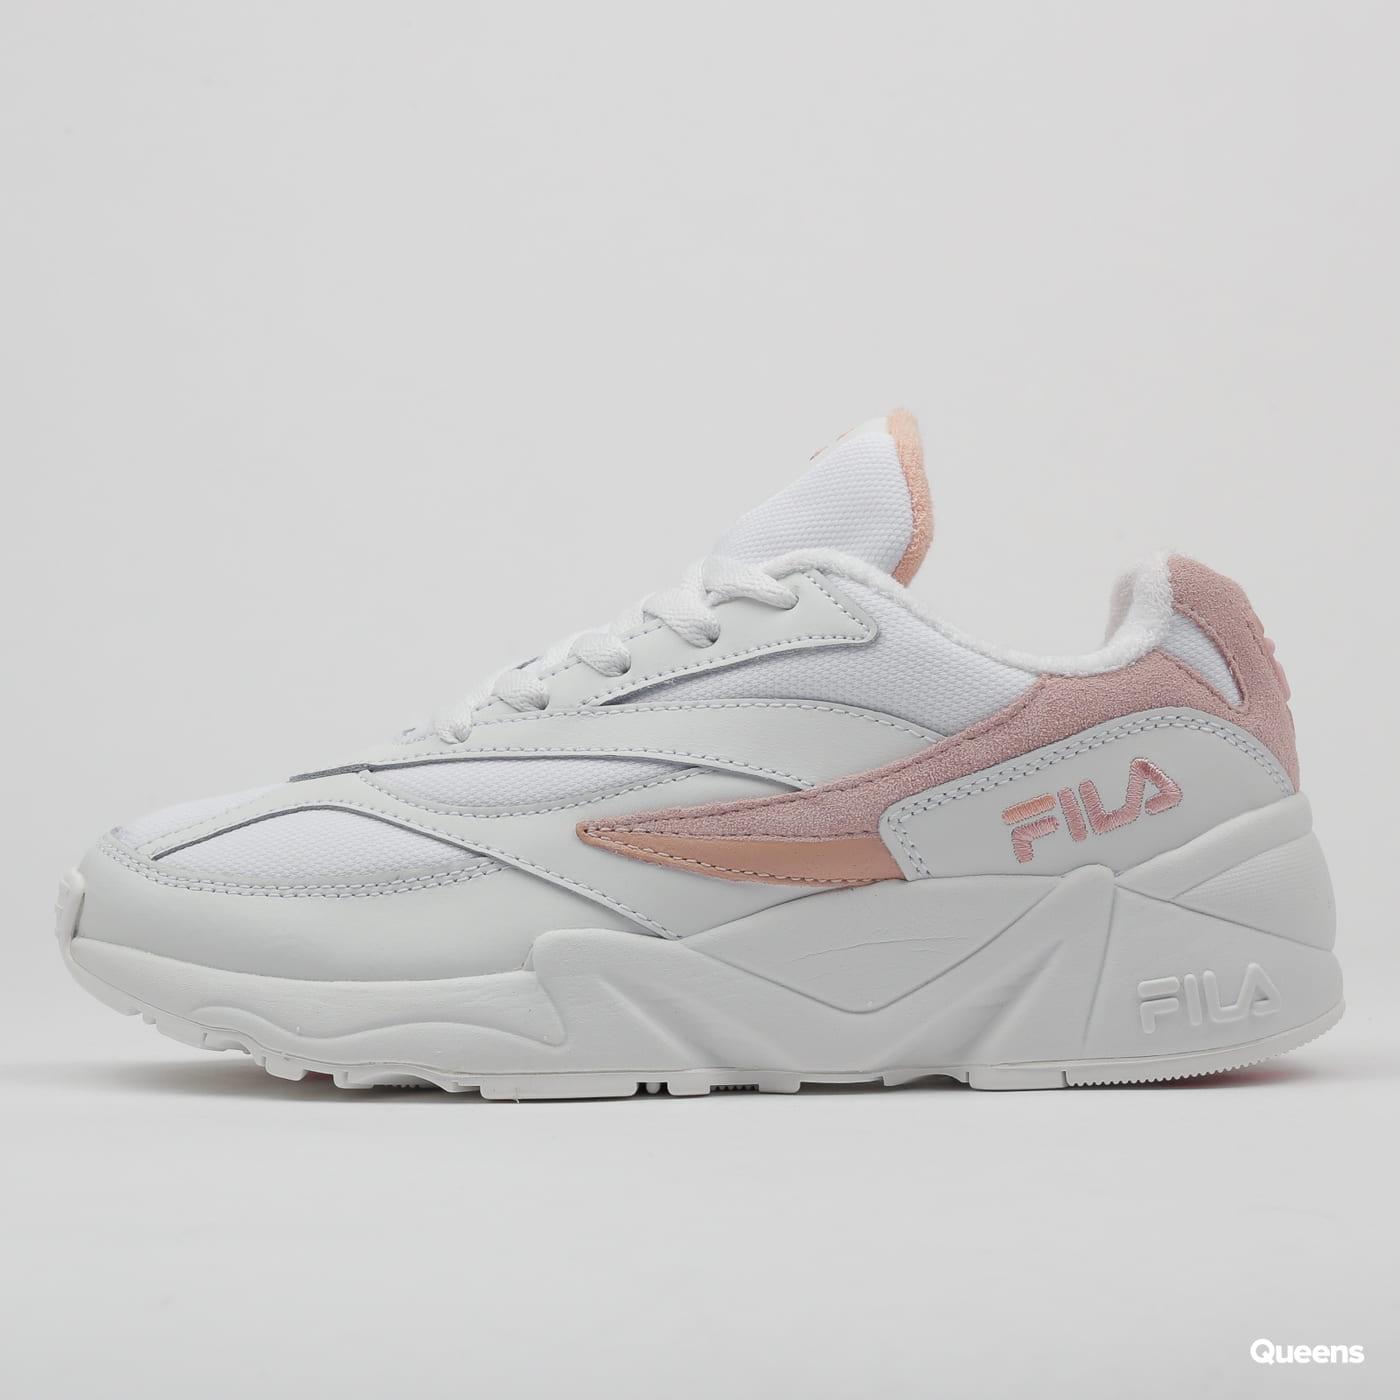 Fila V94M Low WMN white salmon chalk pink